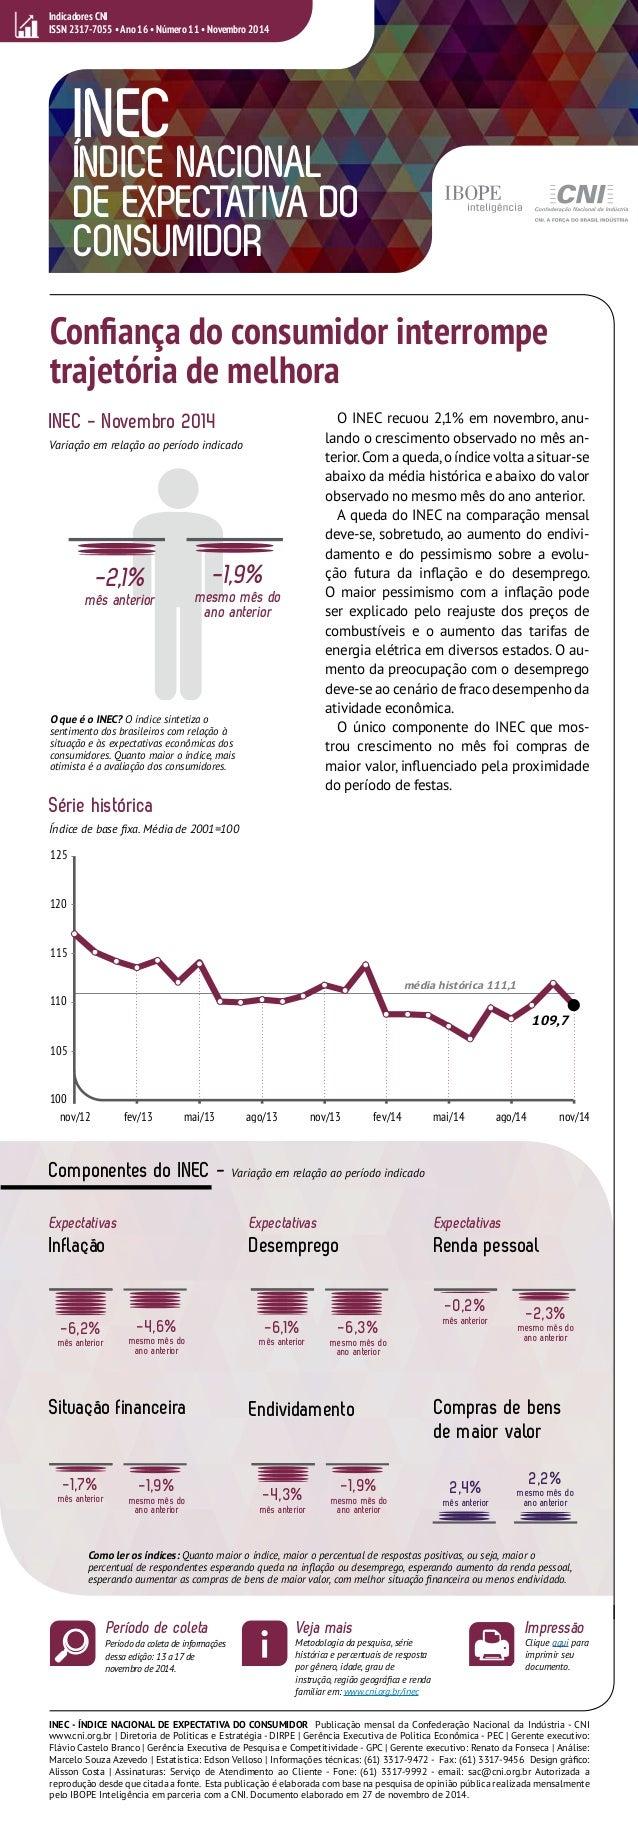 Indicadores CNI  ISSN 2317-7055 • Ano 16 • Número 11 • Novembro 2014  INEC  ÍNDICE NACIONAL  DE EXPECTATIVA DO  CONSUMIDOR...